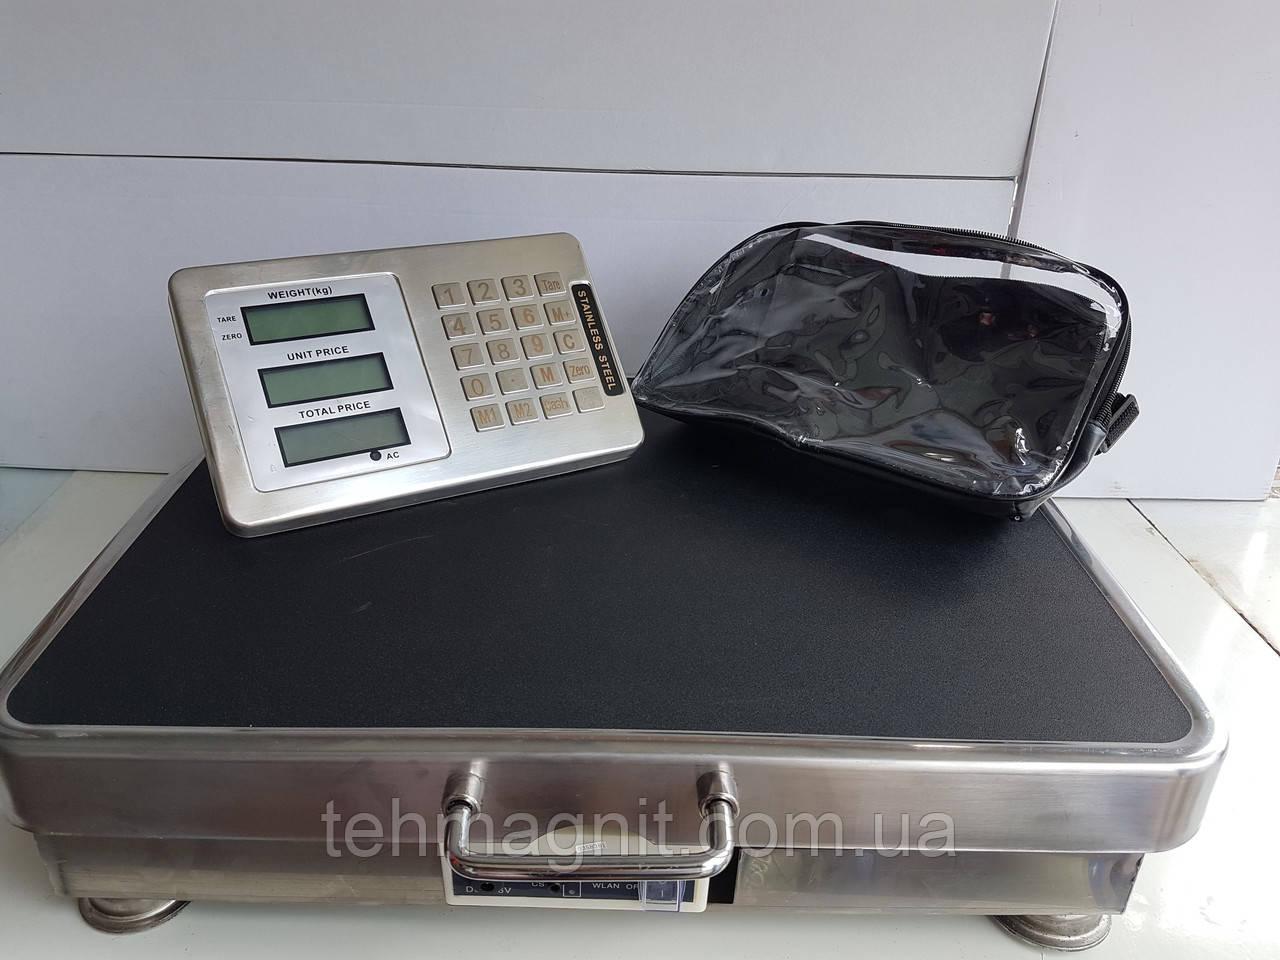 Беспроводные электронные торговые весы до 300 кг с Bluetooth, платформенные, промышленые весы